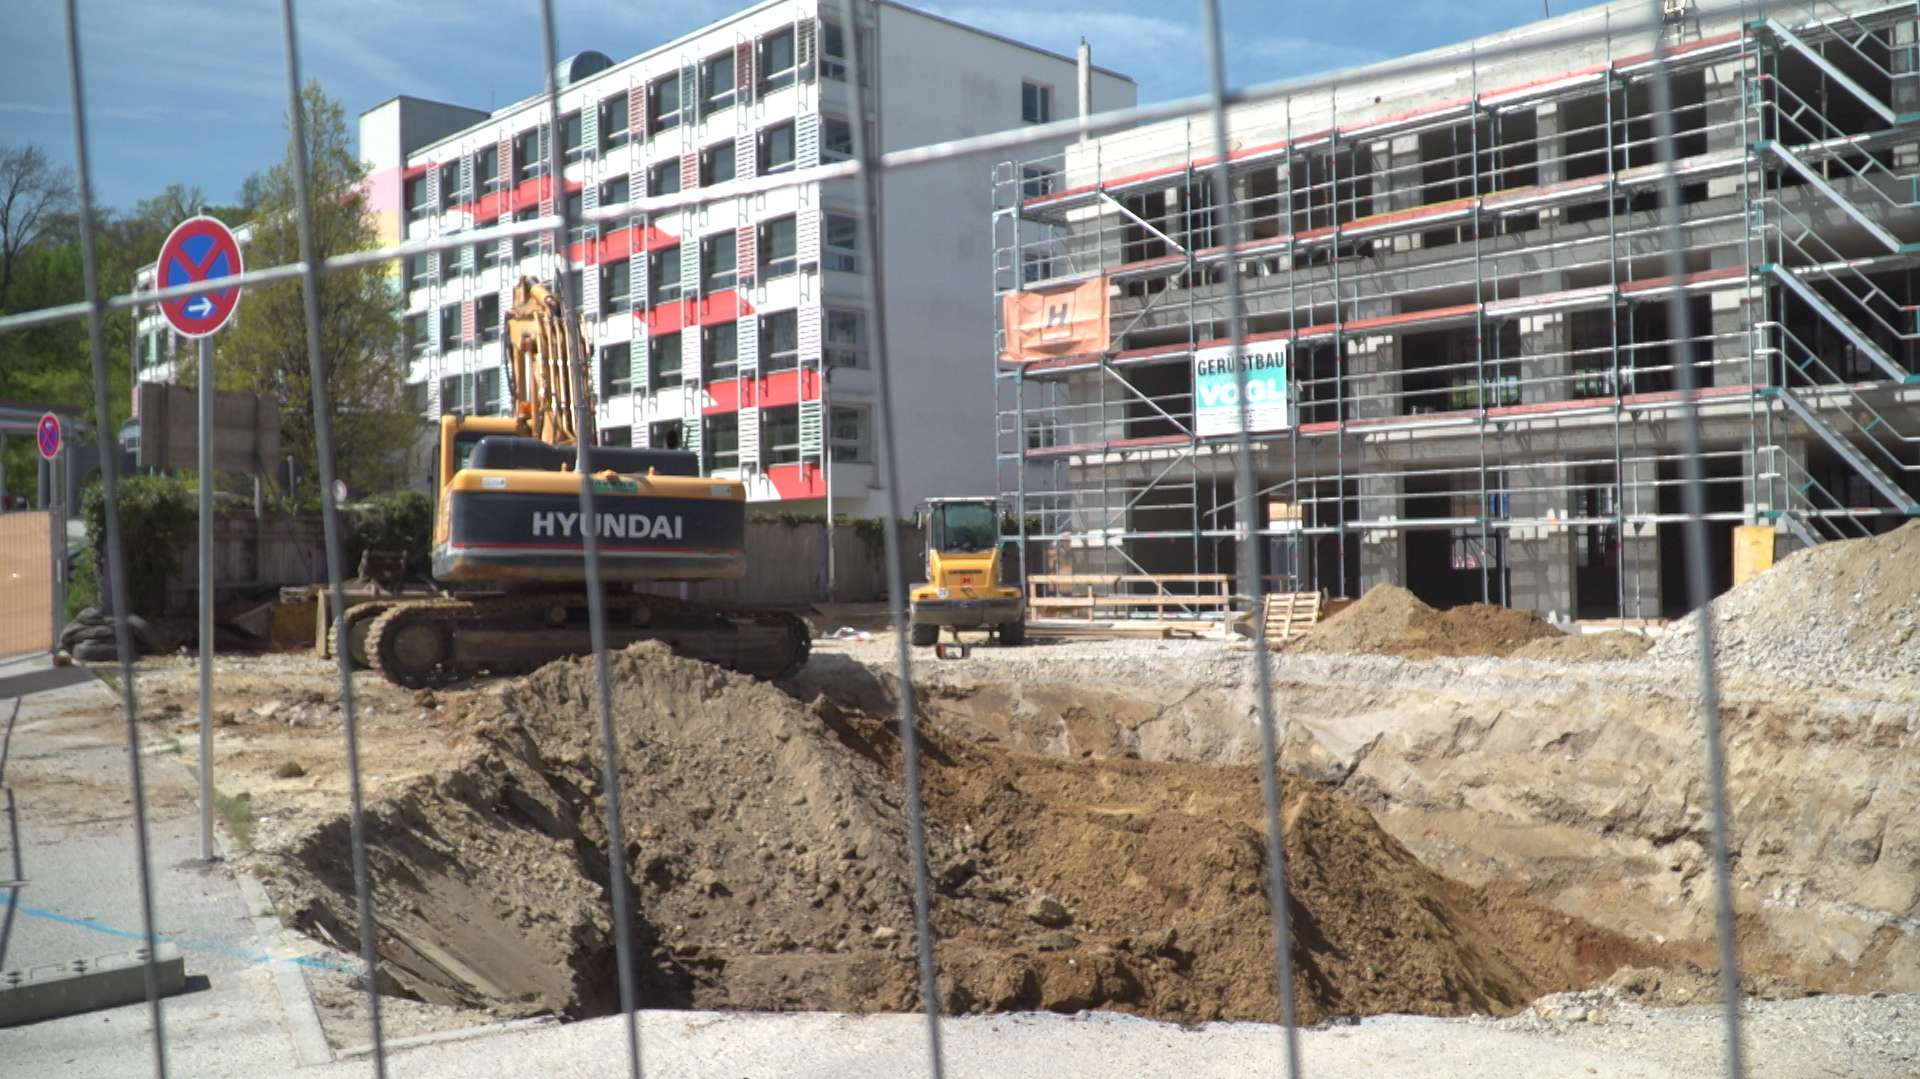 Bombenfund in Landshut